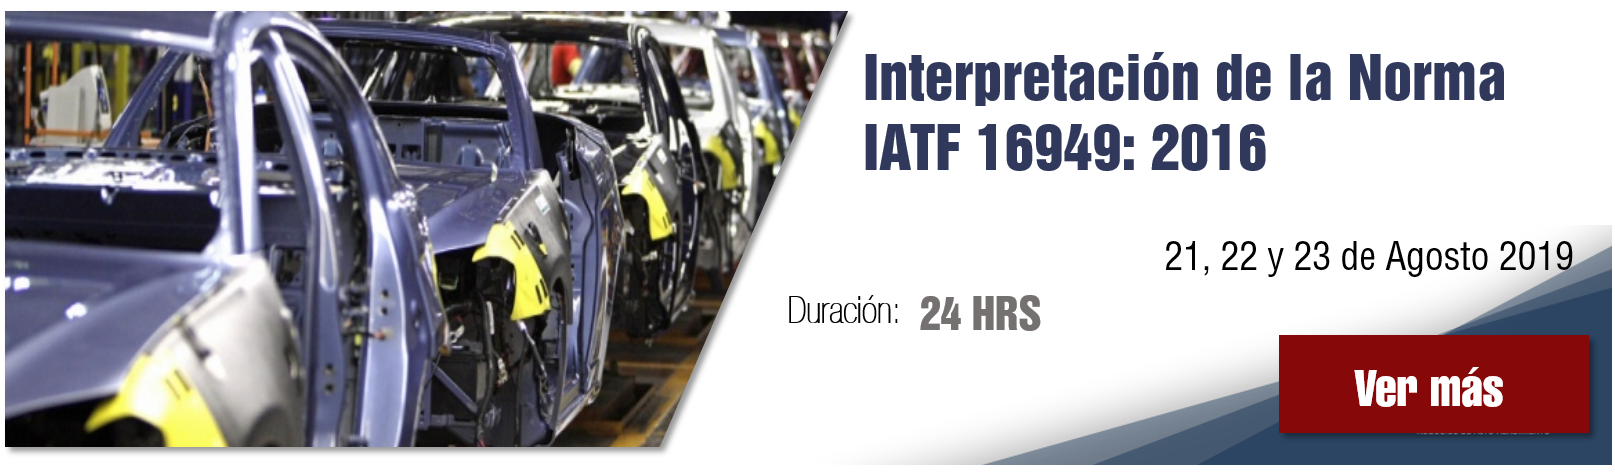 Curso Interpretación de la norma IATF 16949